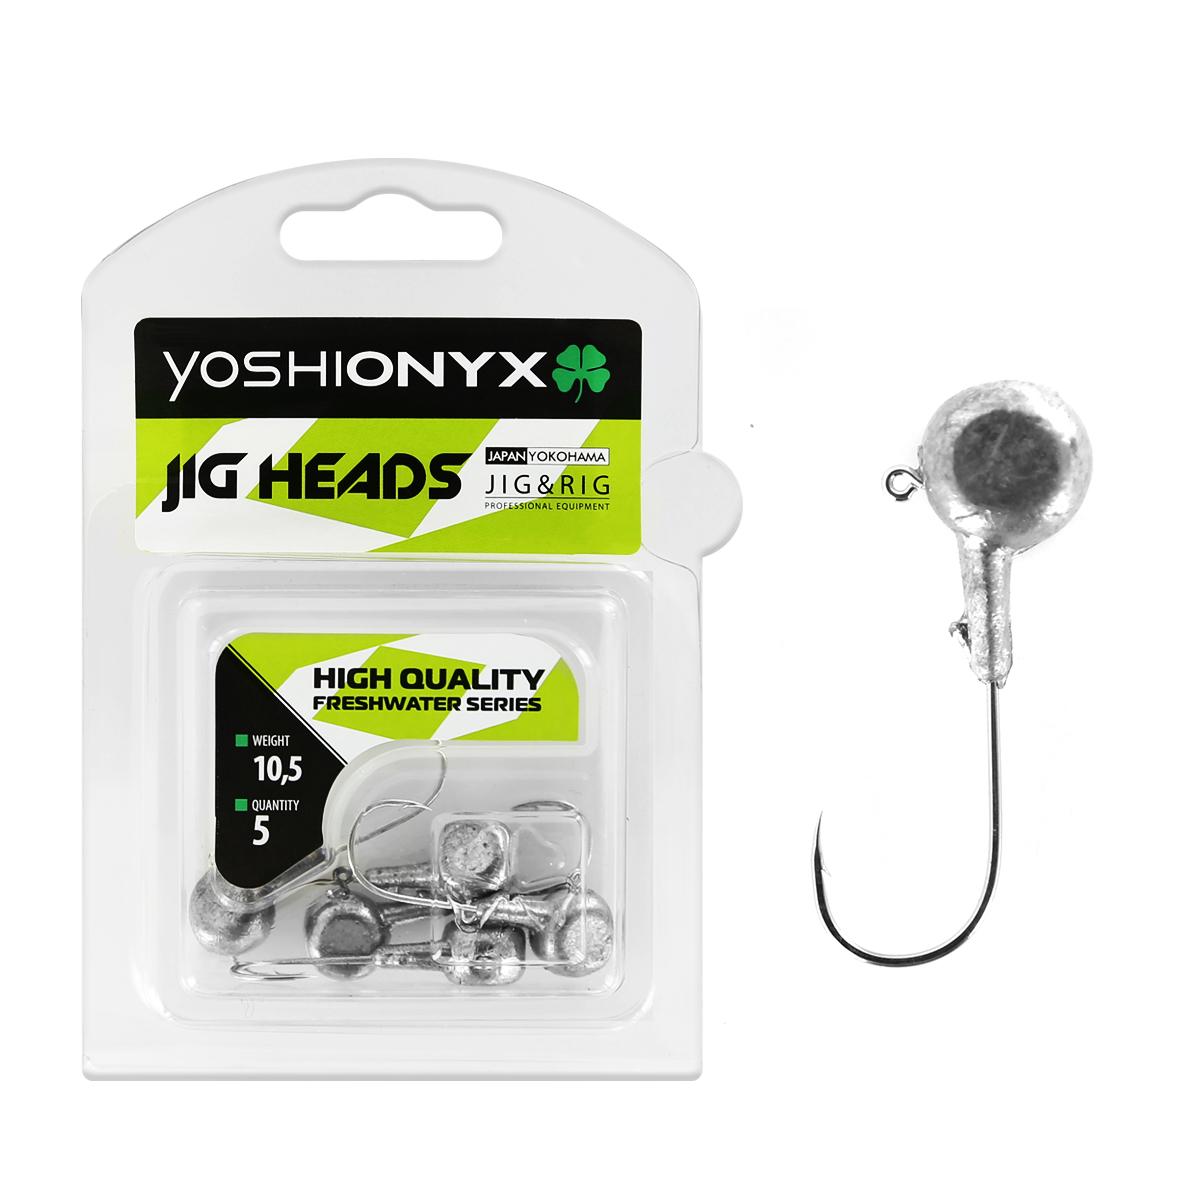 Джиг-головка Yoshi Onyx JIG Bros. Аспирин, крючок Gamakatsu, 10,5 г, 5 шт96526Джиг-головки Yoshi Onyx JIG Bros. Аспирин предназначены для ловли хищной рыбы, с использованием самых разных вариантов проводок на мягкие приманки. Это может быть и ступенчатая проводка по дну, и волнообразная в толще воды, и даже обычная ровная проводка. Джиг-головки оснащены крючками Gamakatsu. Такие крючки прекрасно пробивает жесткую пасть крупного судака, щуки и сома.